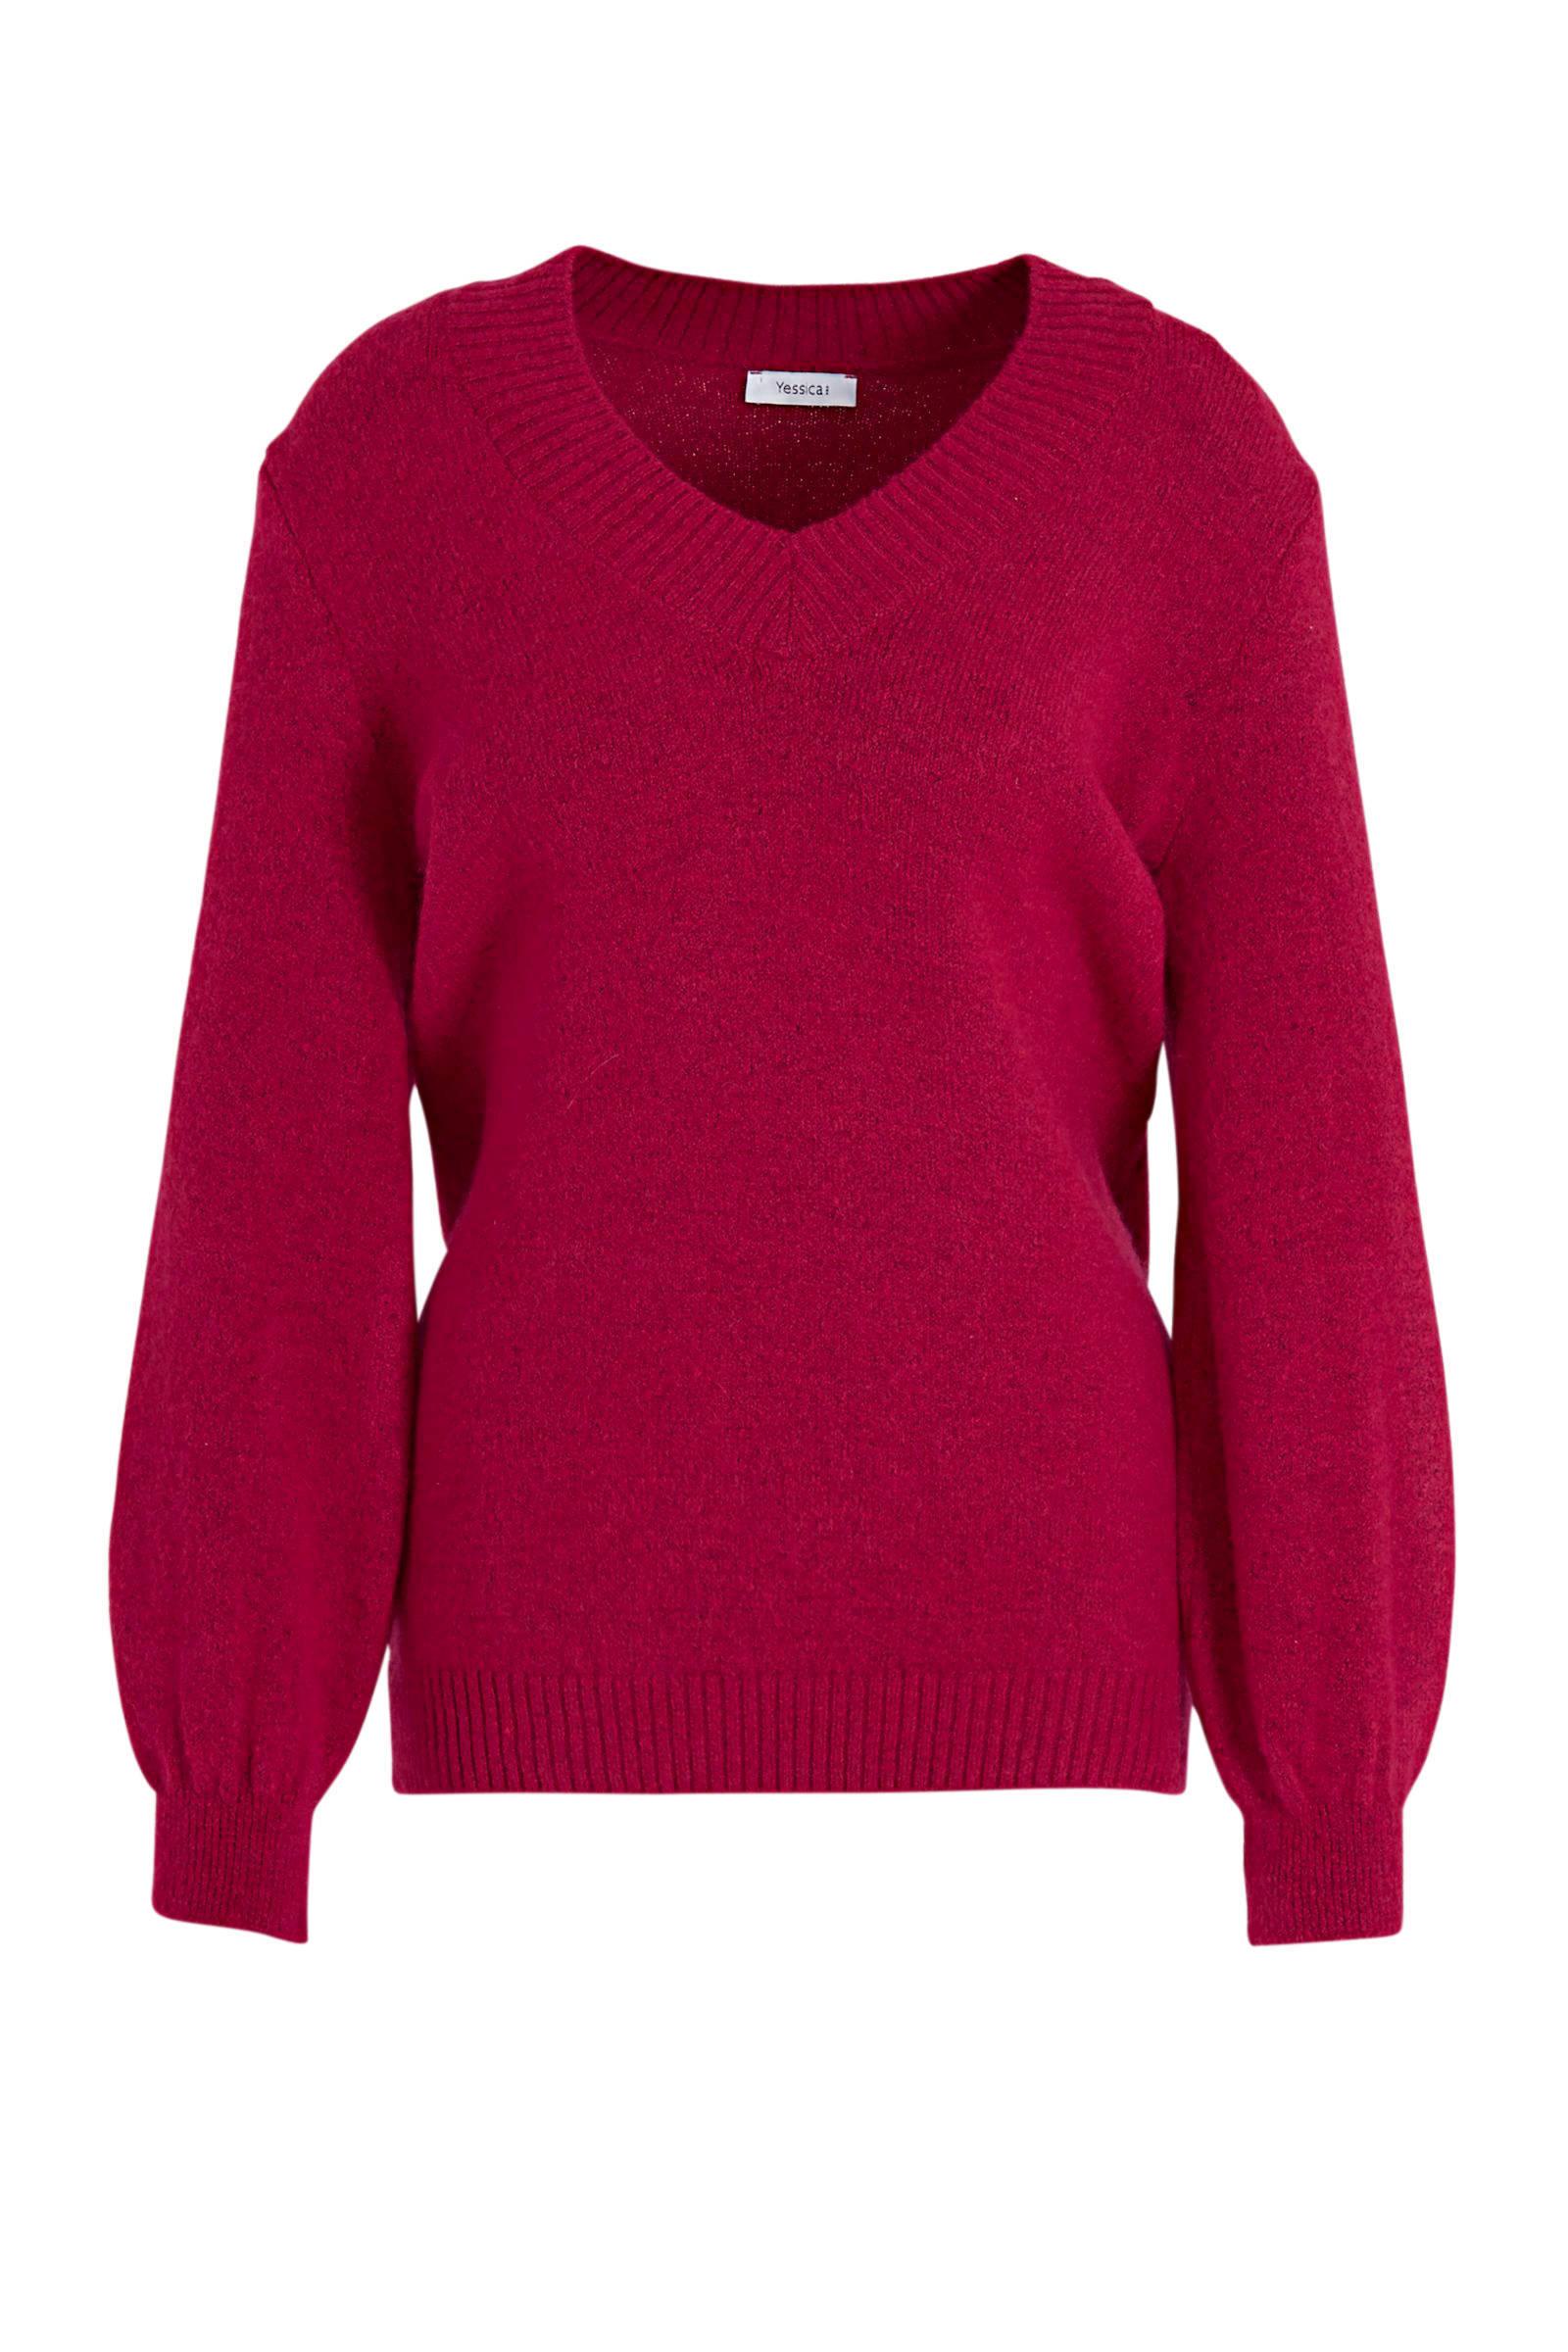 C&A truien voor dames kopen Vind jouw C&A truien voor